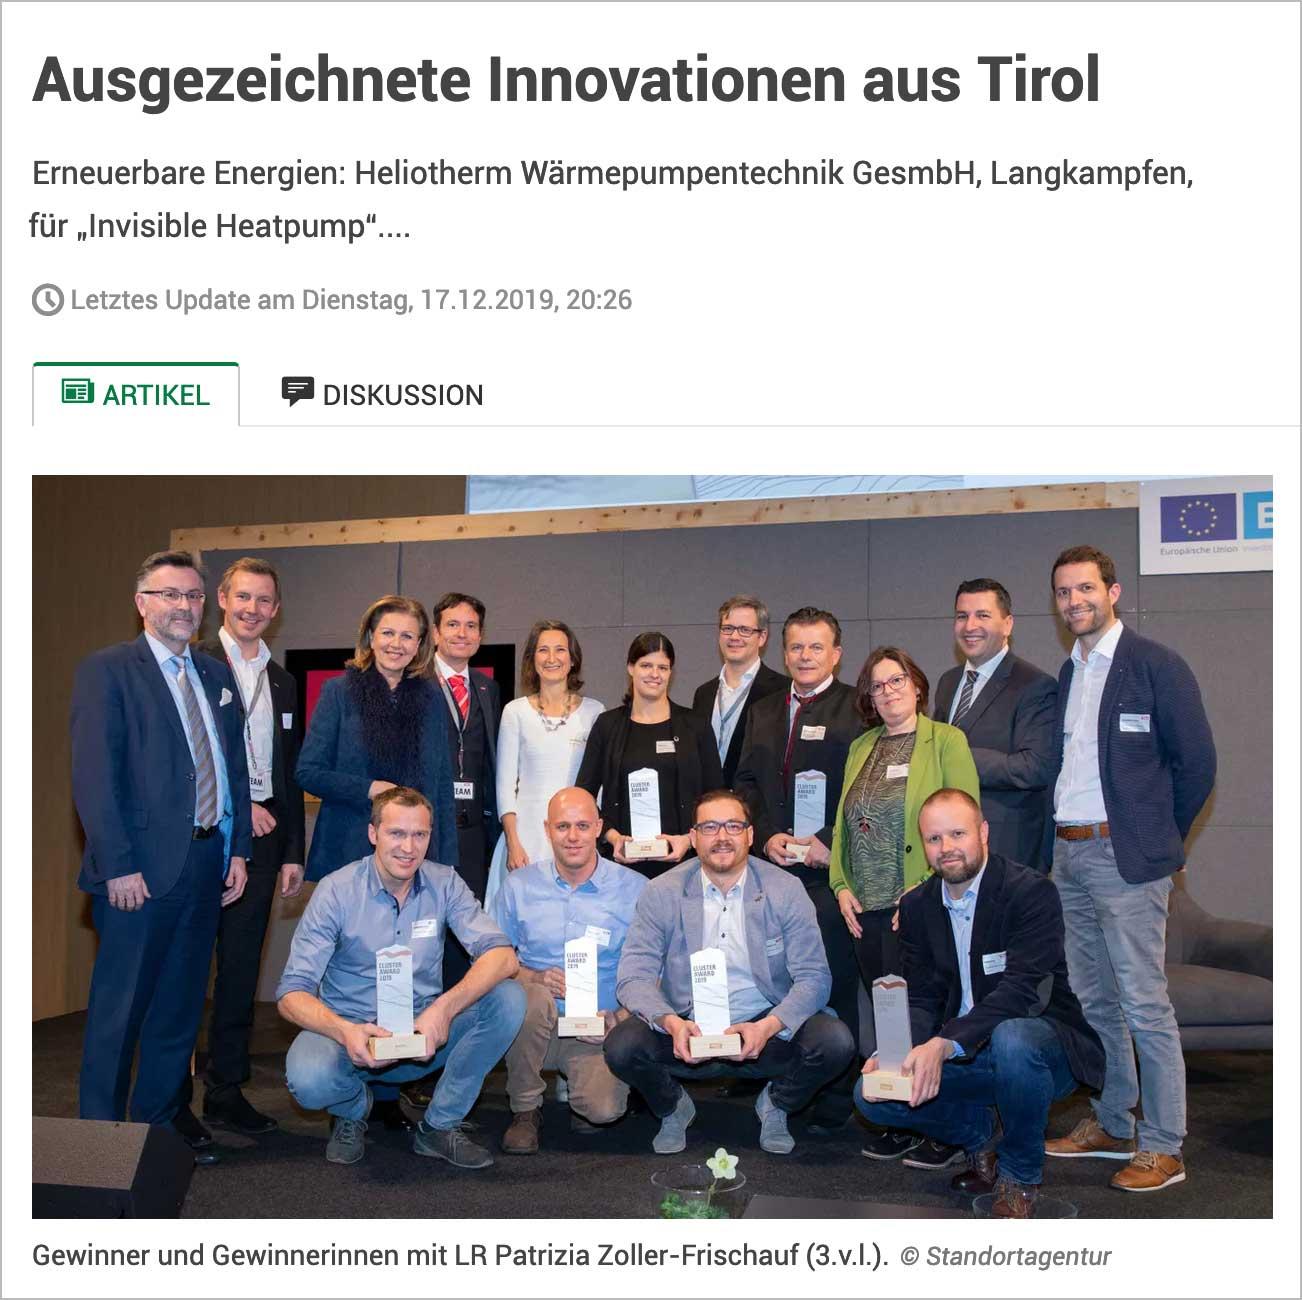 Ausgezeichnete Innovationen aus Tirol, Presseartikel | LO.LA Alpine Safety Management